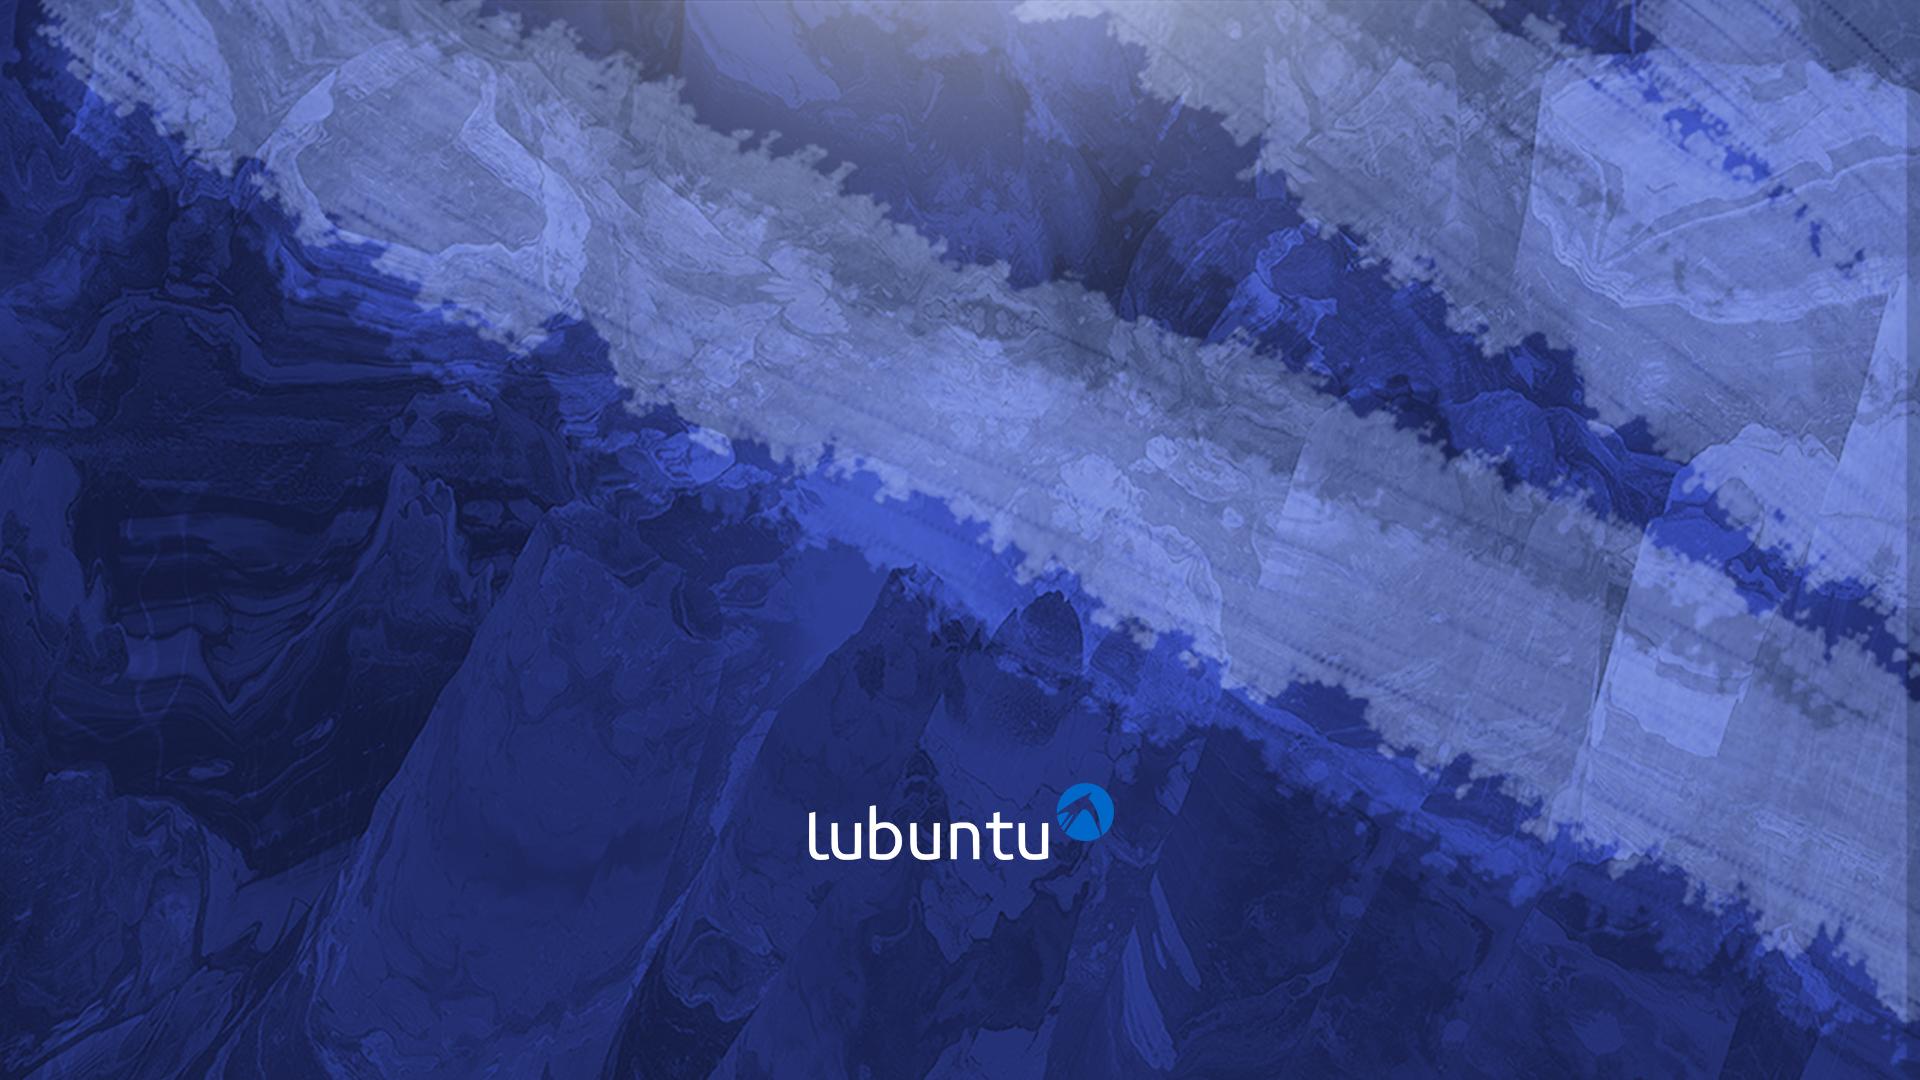 Wallpaper Lubuntu 01 By Carthirst On Deviantart